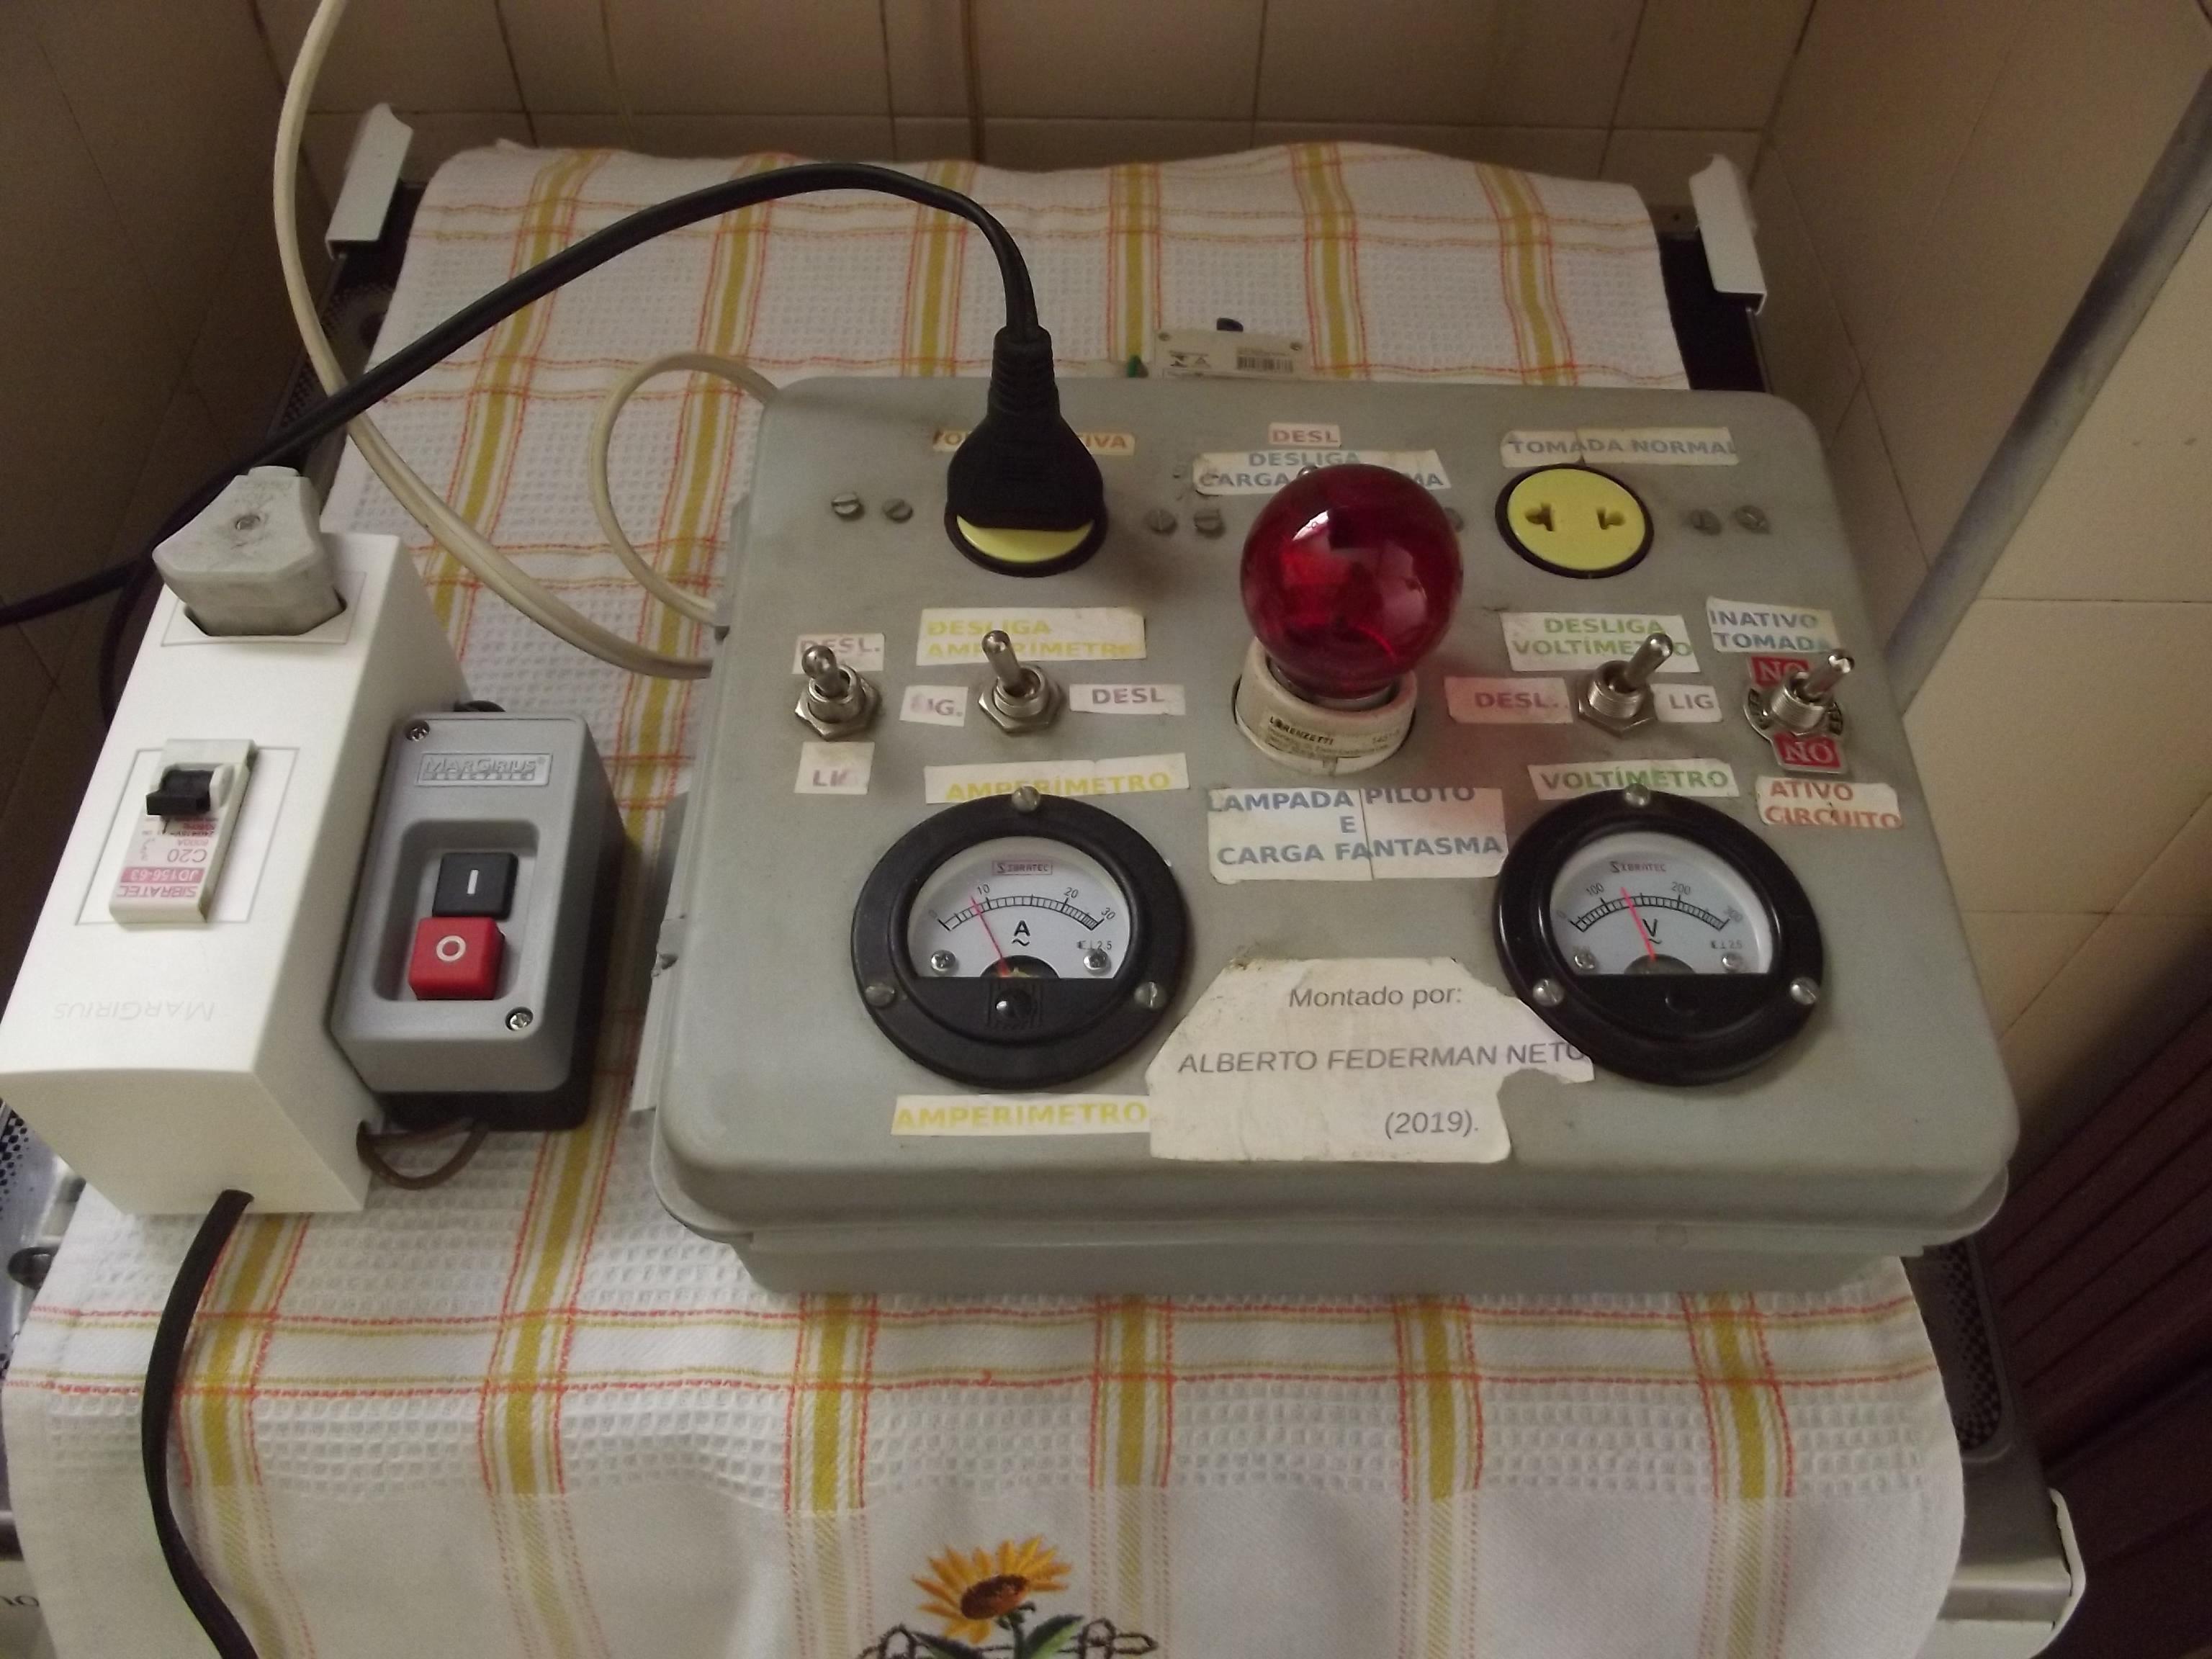 Medindo a Corrente Elétrica de um Ebulidor de 1000 Watts, Ligado à Extensão com Disjuntor, Através de um Volt Amperímetro Artesanal.